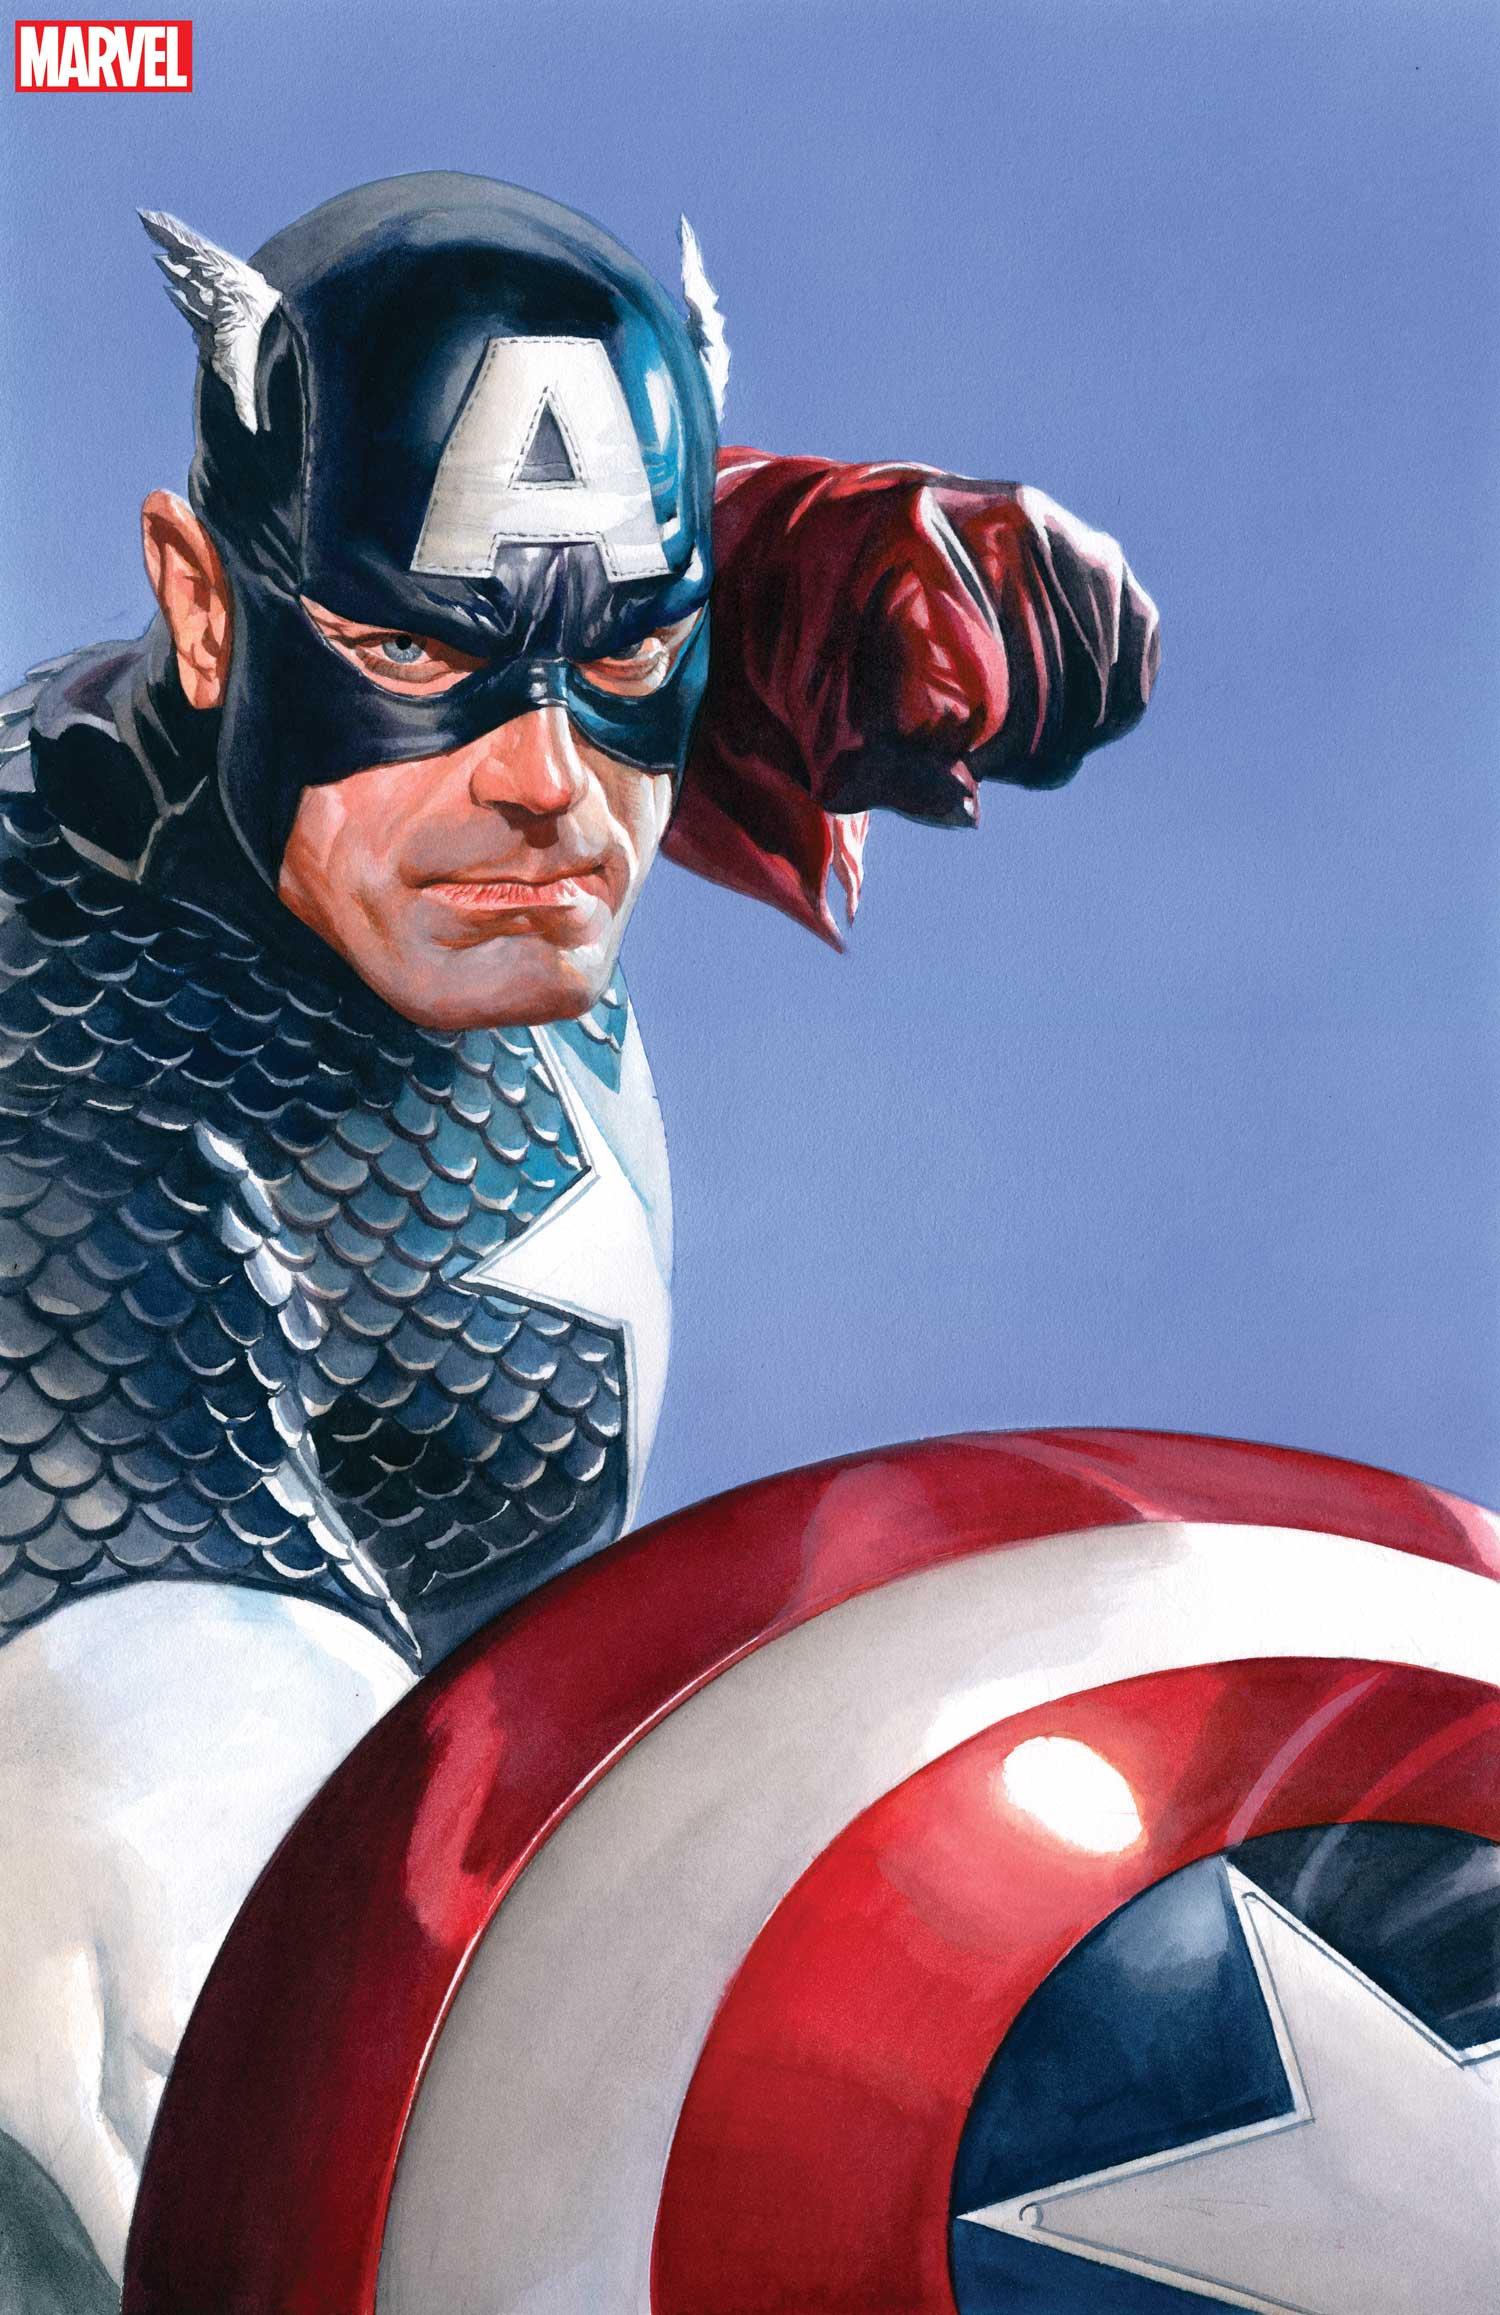 Alex mecum captain america